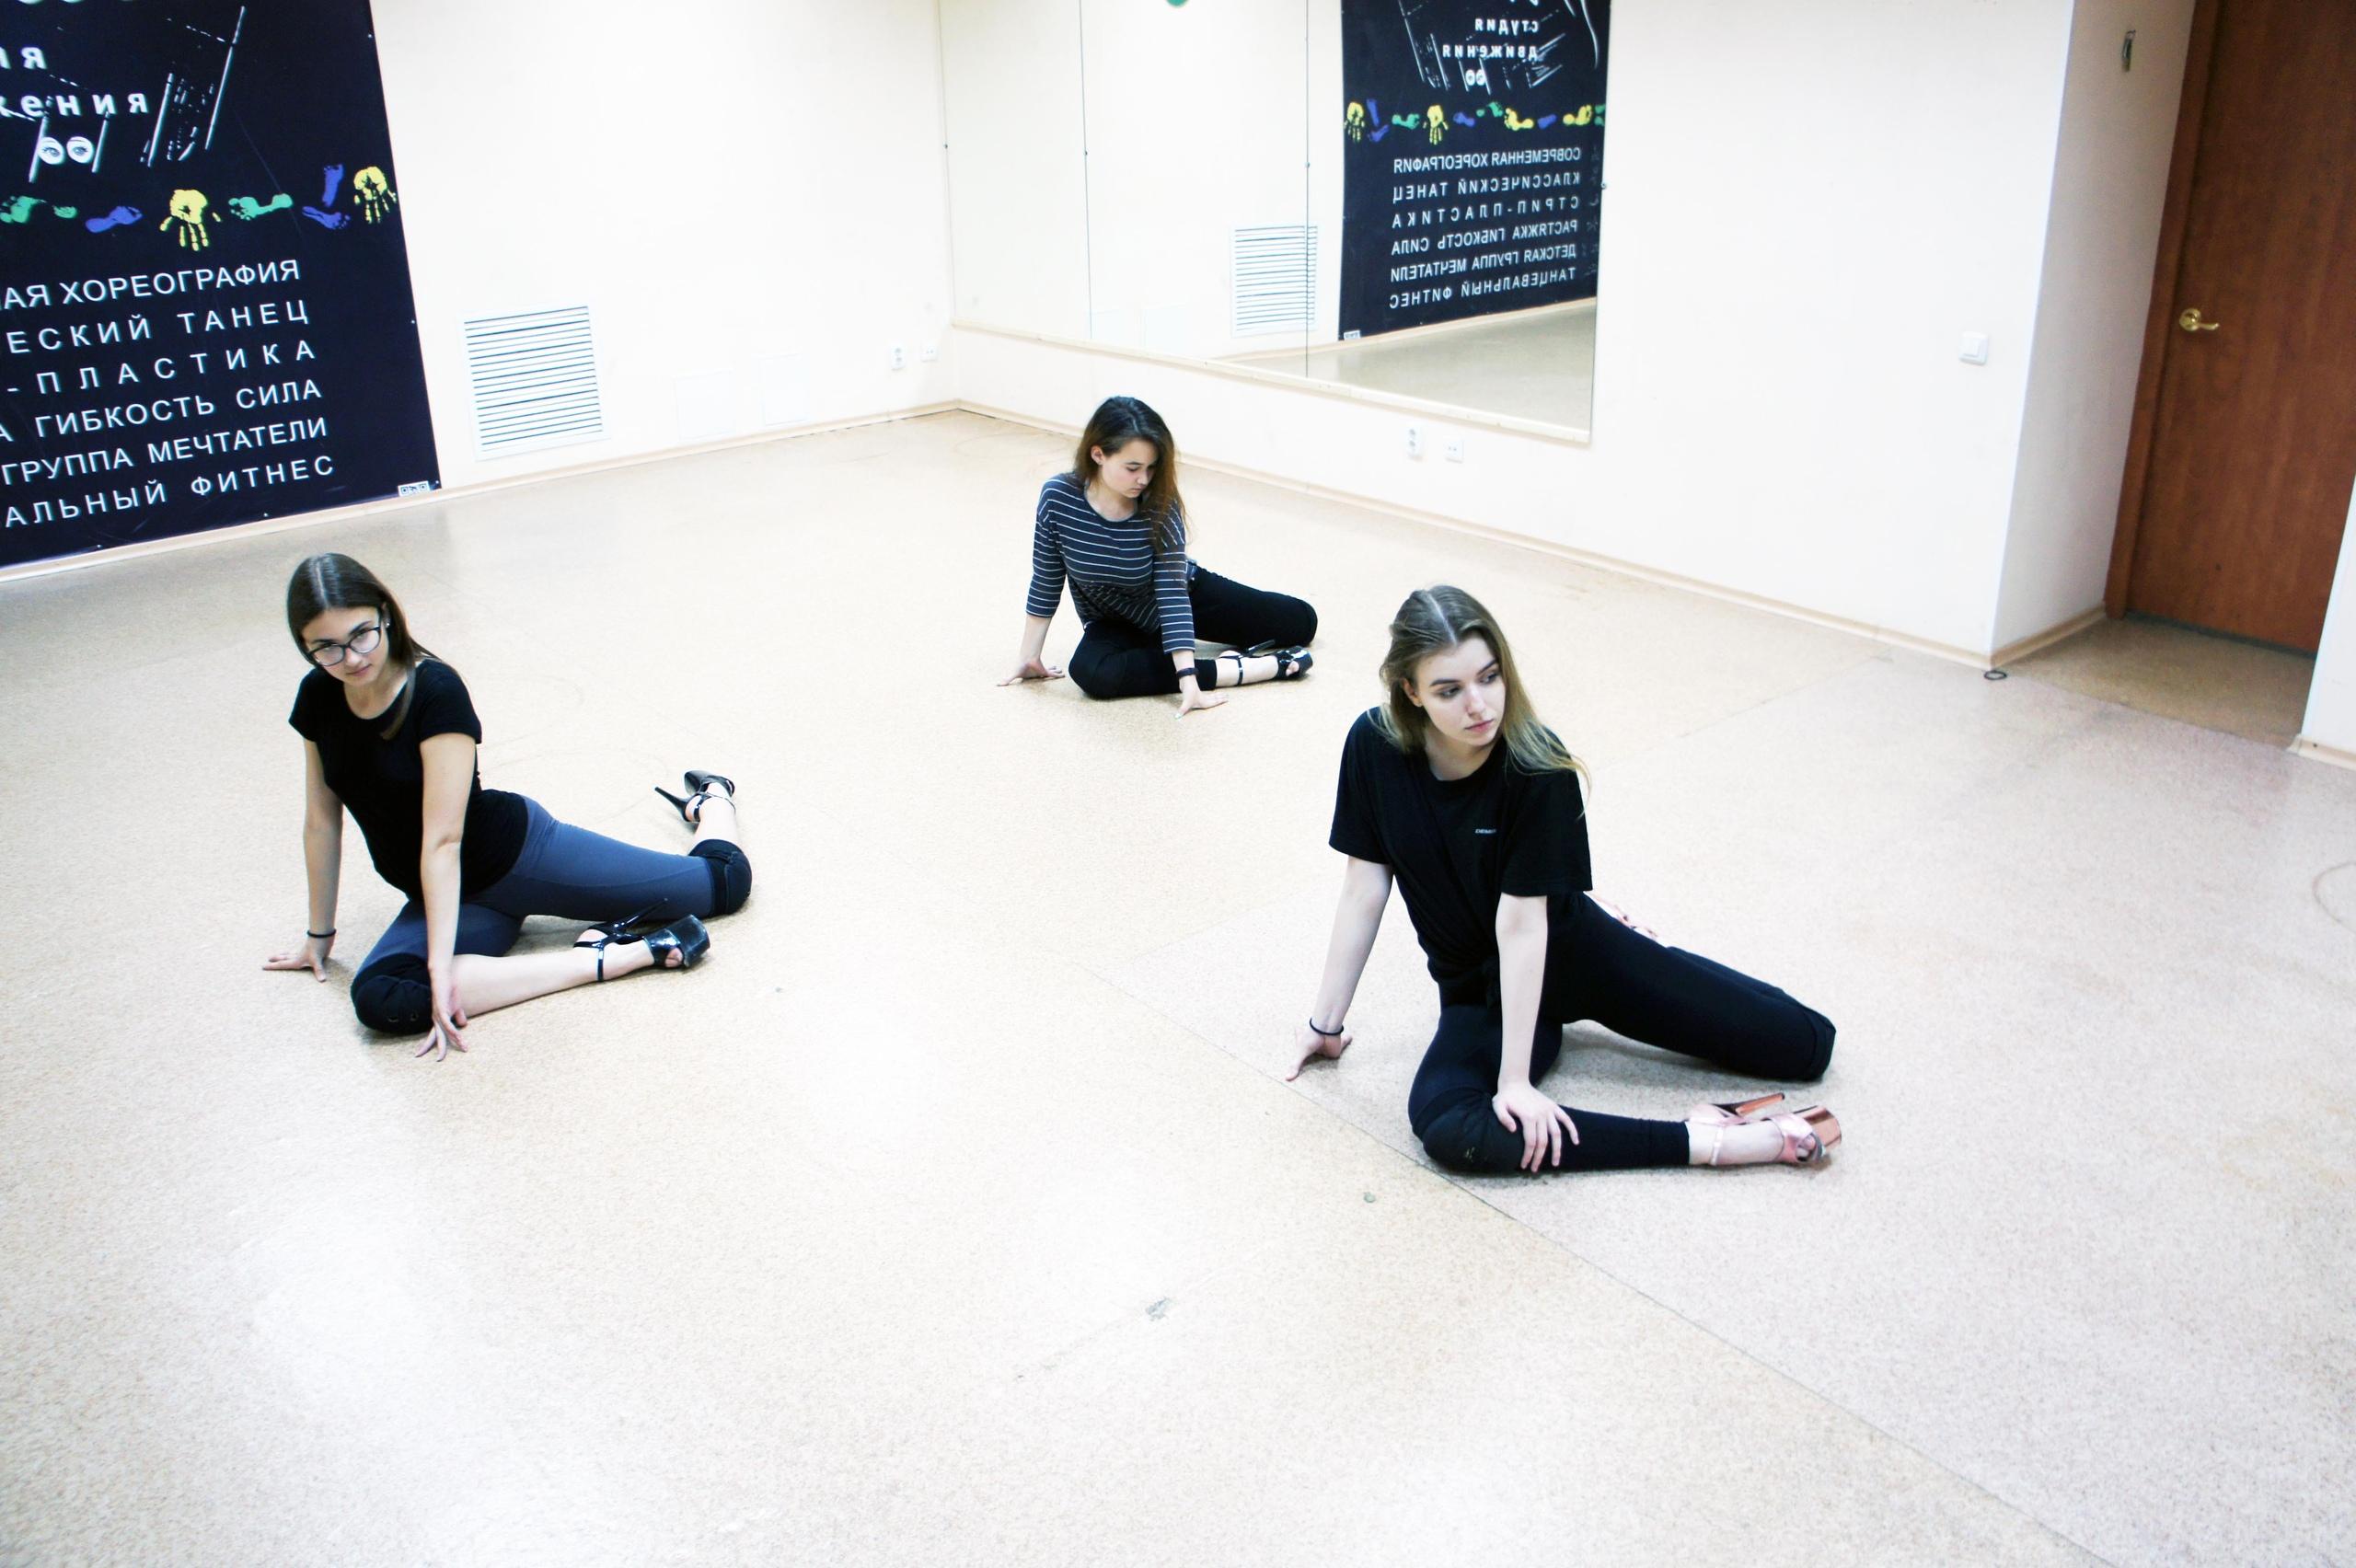 В нашем зале всегда рабочая атмосфера-атмосфера трудолюбия, творчества и сексуальности💥